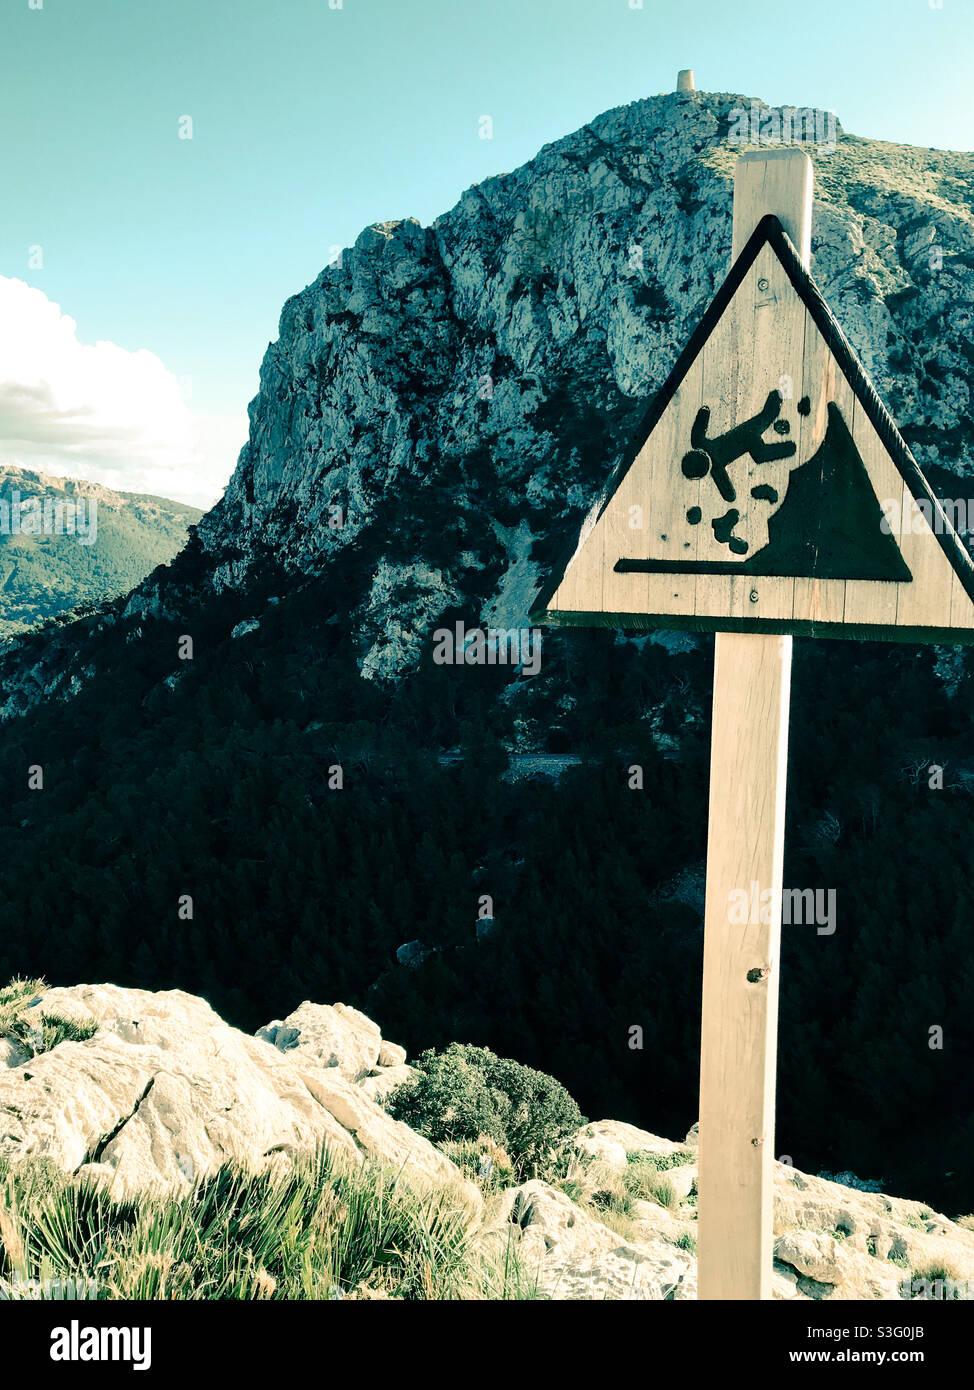 Pericolo di caduta dal bordo della scogliera Foto Stock